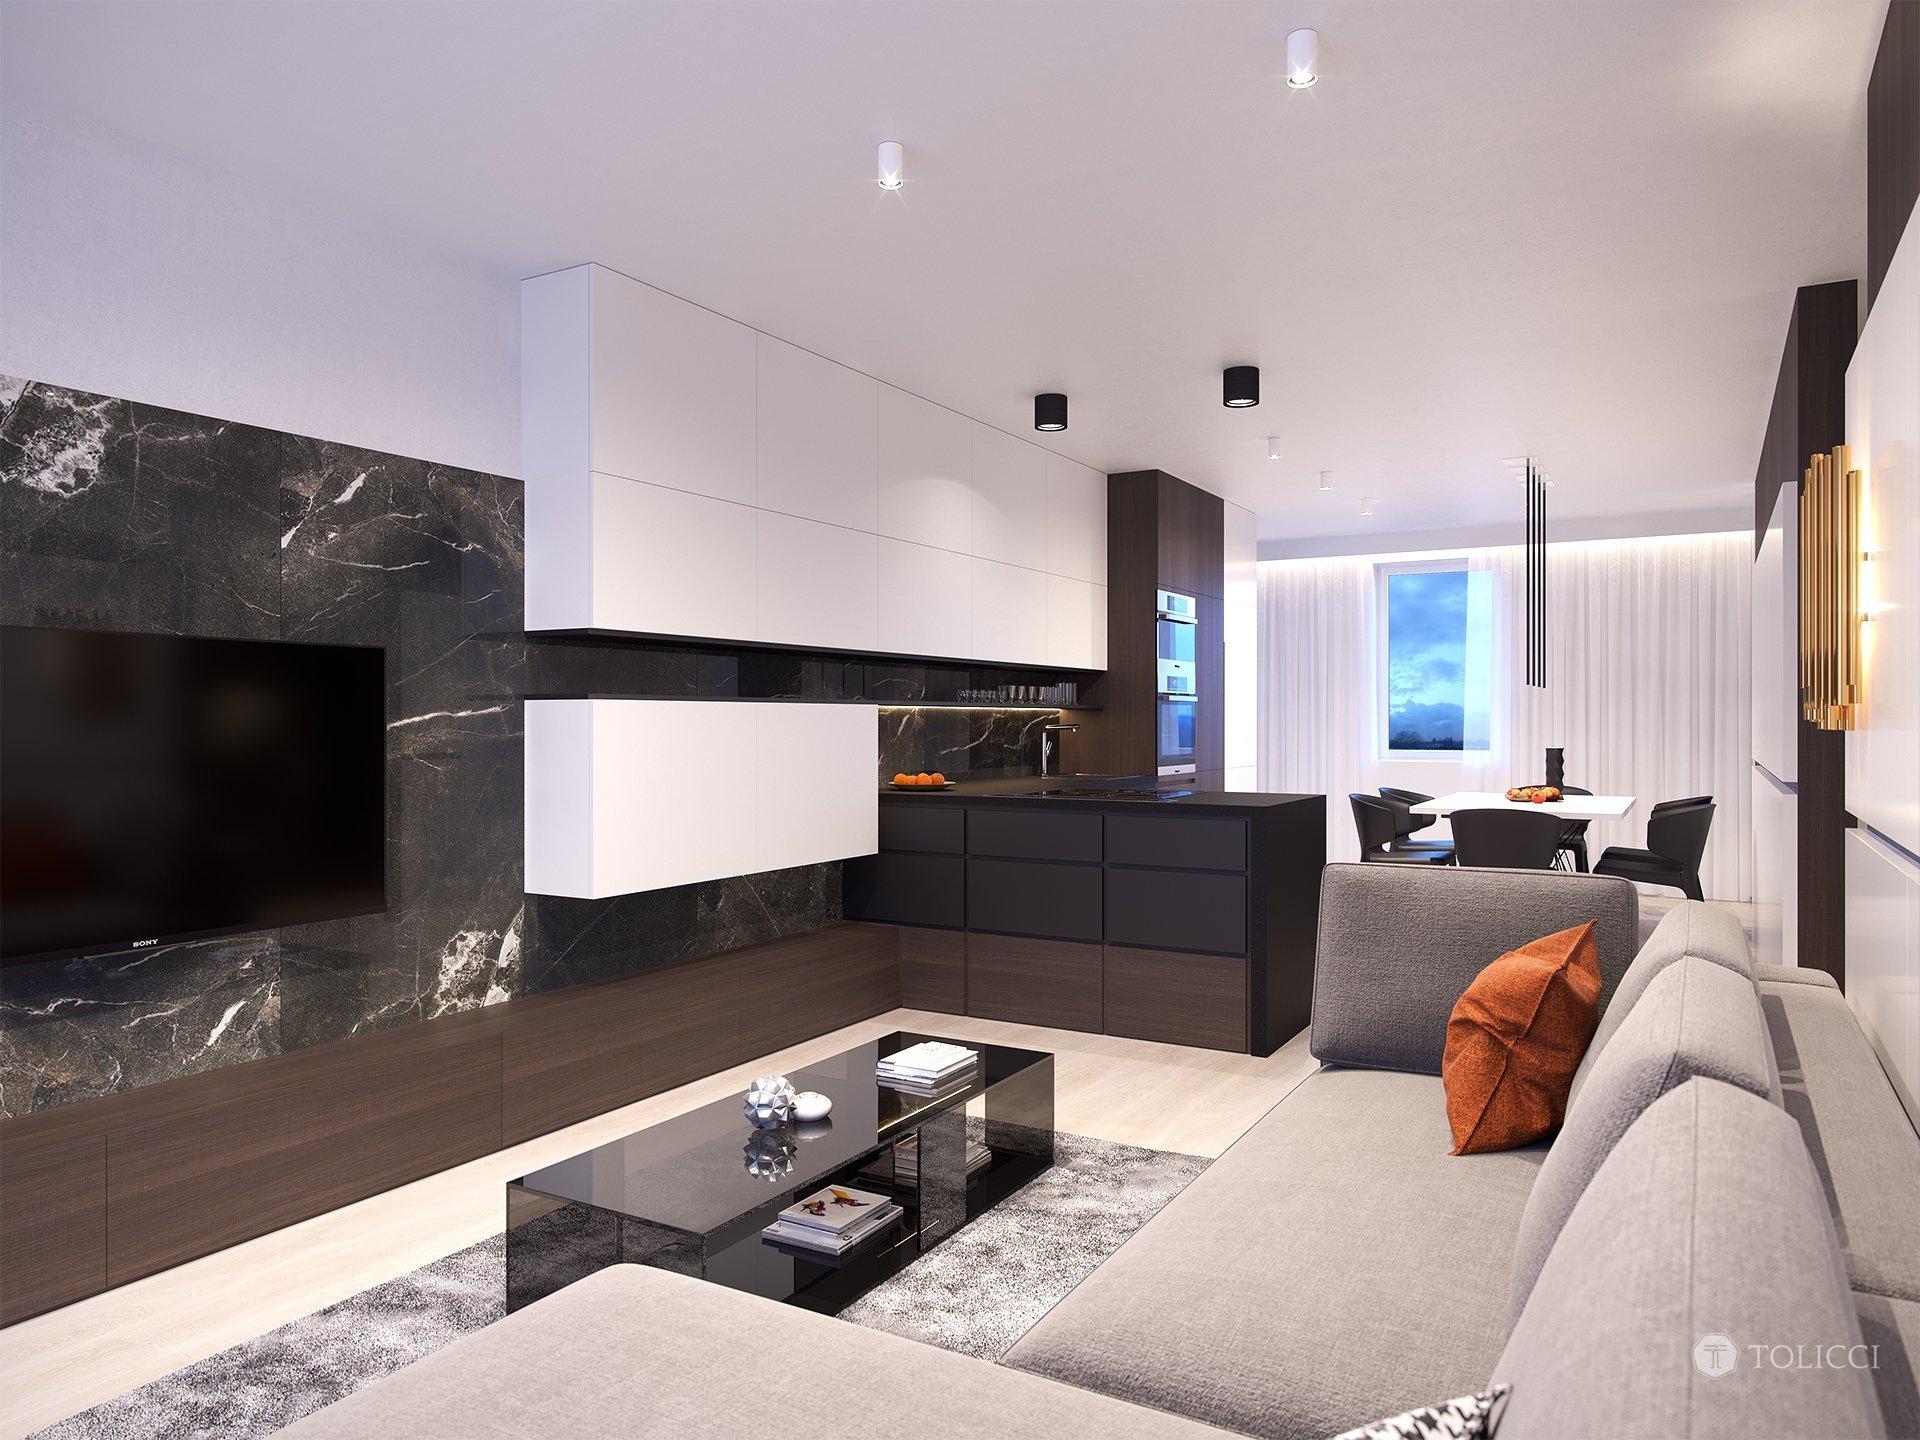 Cieľom návrhu bolo vytvorenie vzorového interiéru bytu pre developerský projekt Mierová, Bratislava. Dizajn odráža návrh elegantného moderného interiéru…